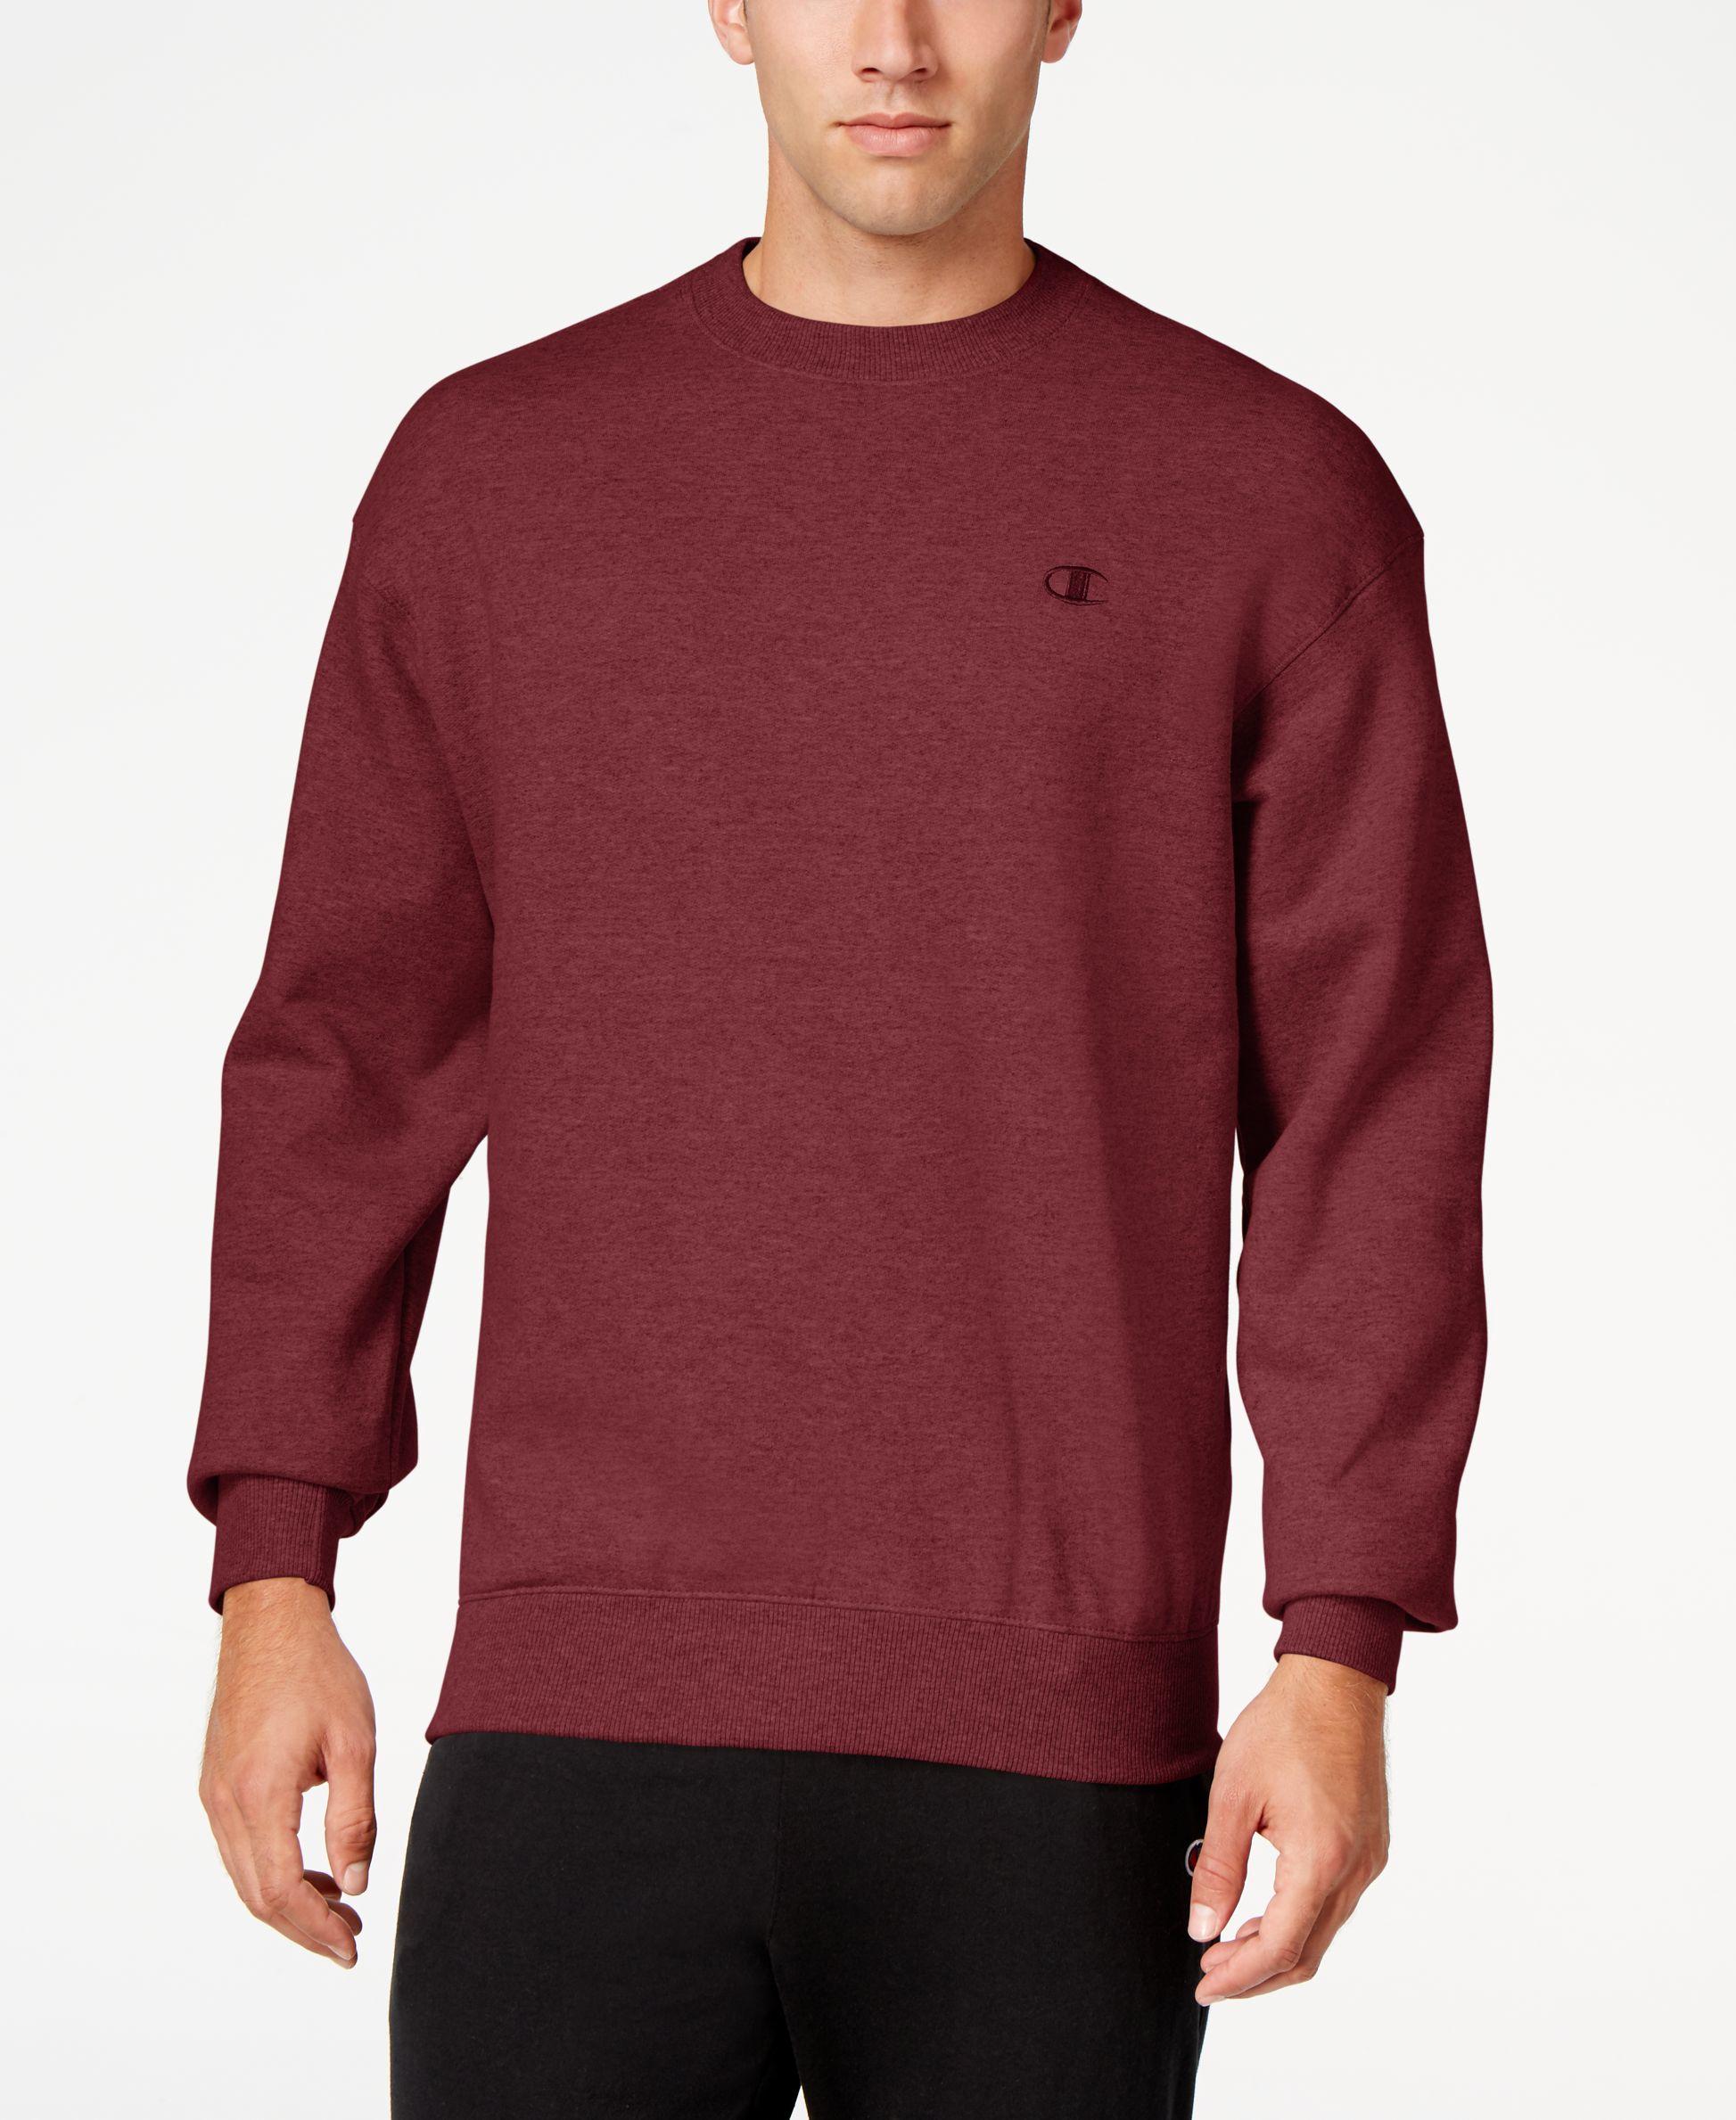 Champion Men 39 S Powerblend Fleece Sweatshirt In Red For Men